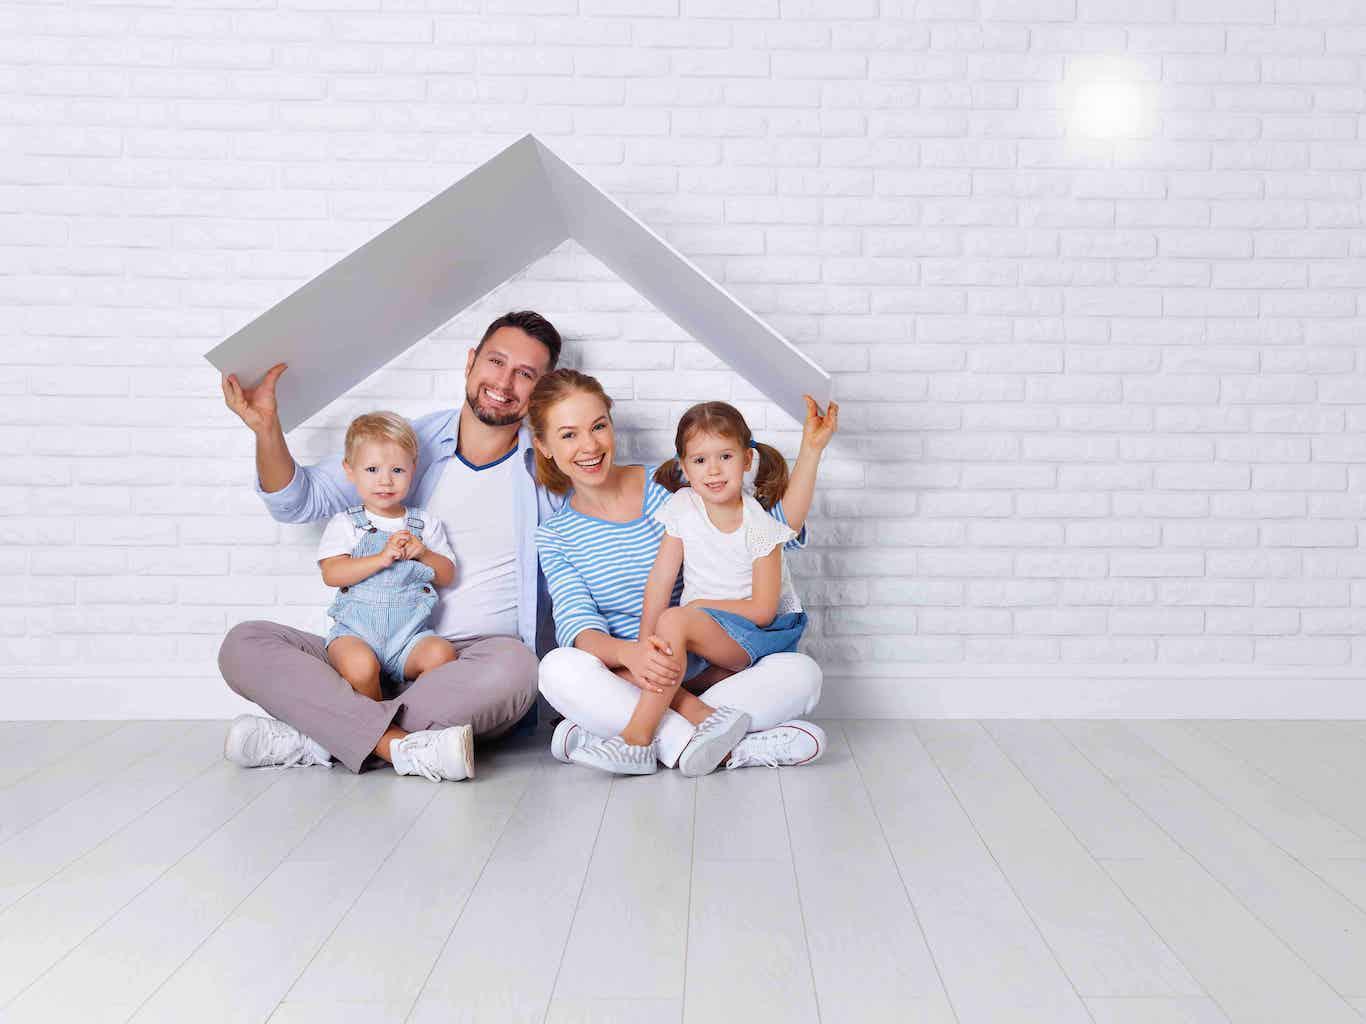 seguros familiares panama